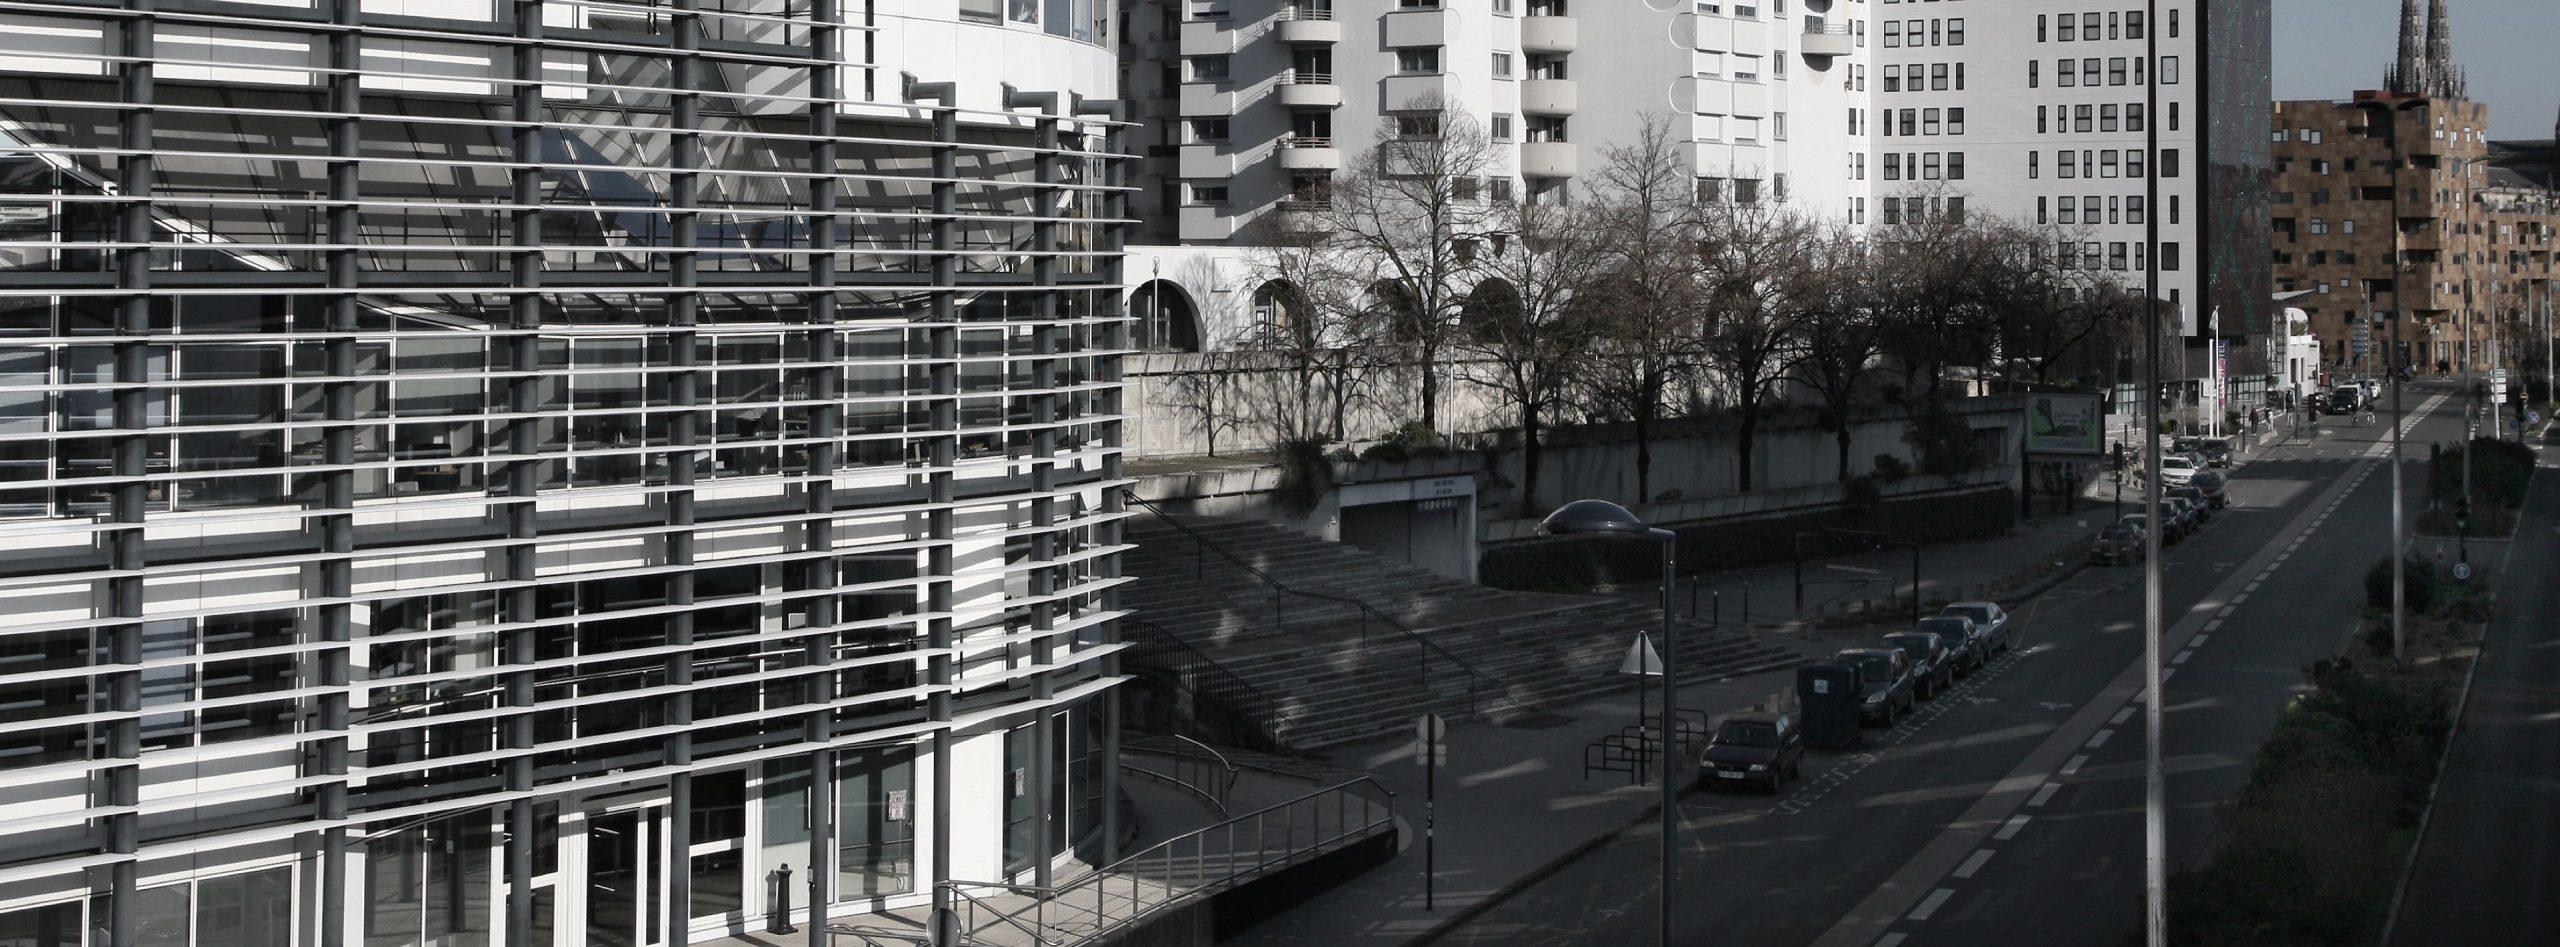 Garez-vous au parking Huit Mai 45 METPARK dans le quartier Mériadeck de Bordeaux. Parc de stationnement, plus de 600 places de parking disponibles.